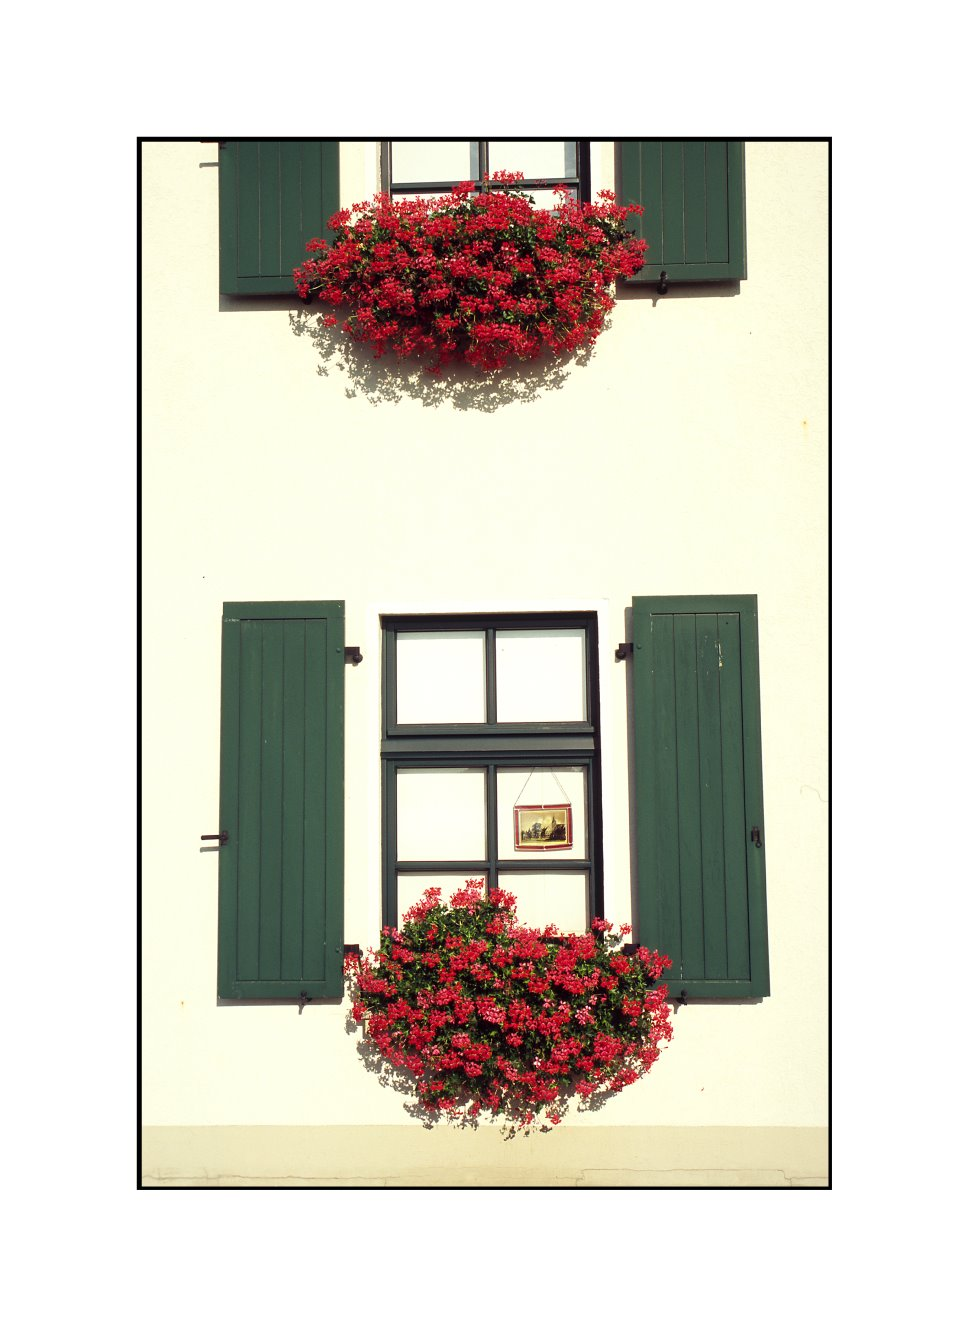 Blumen am Fenster, Grieth